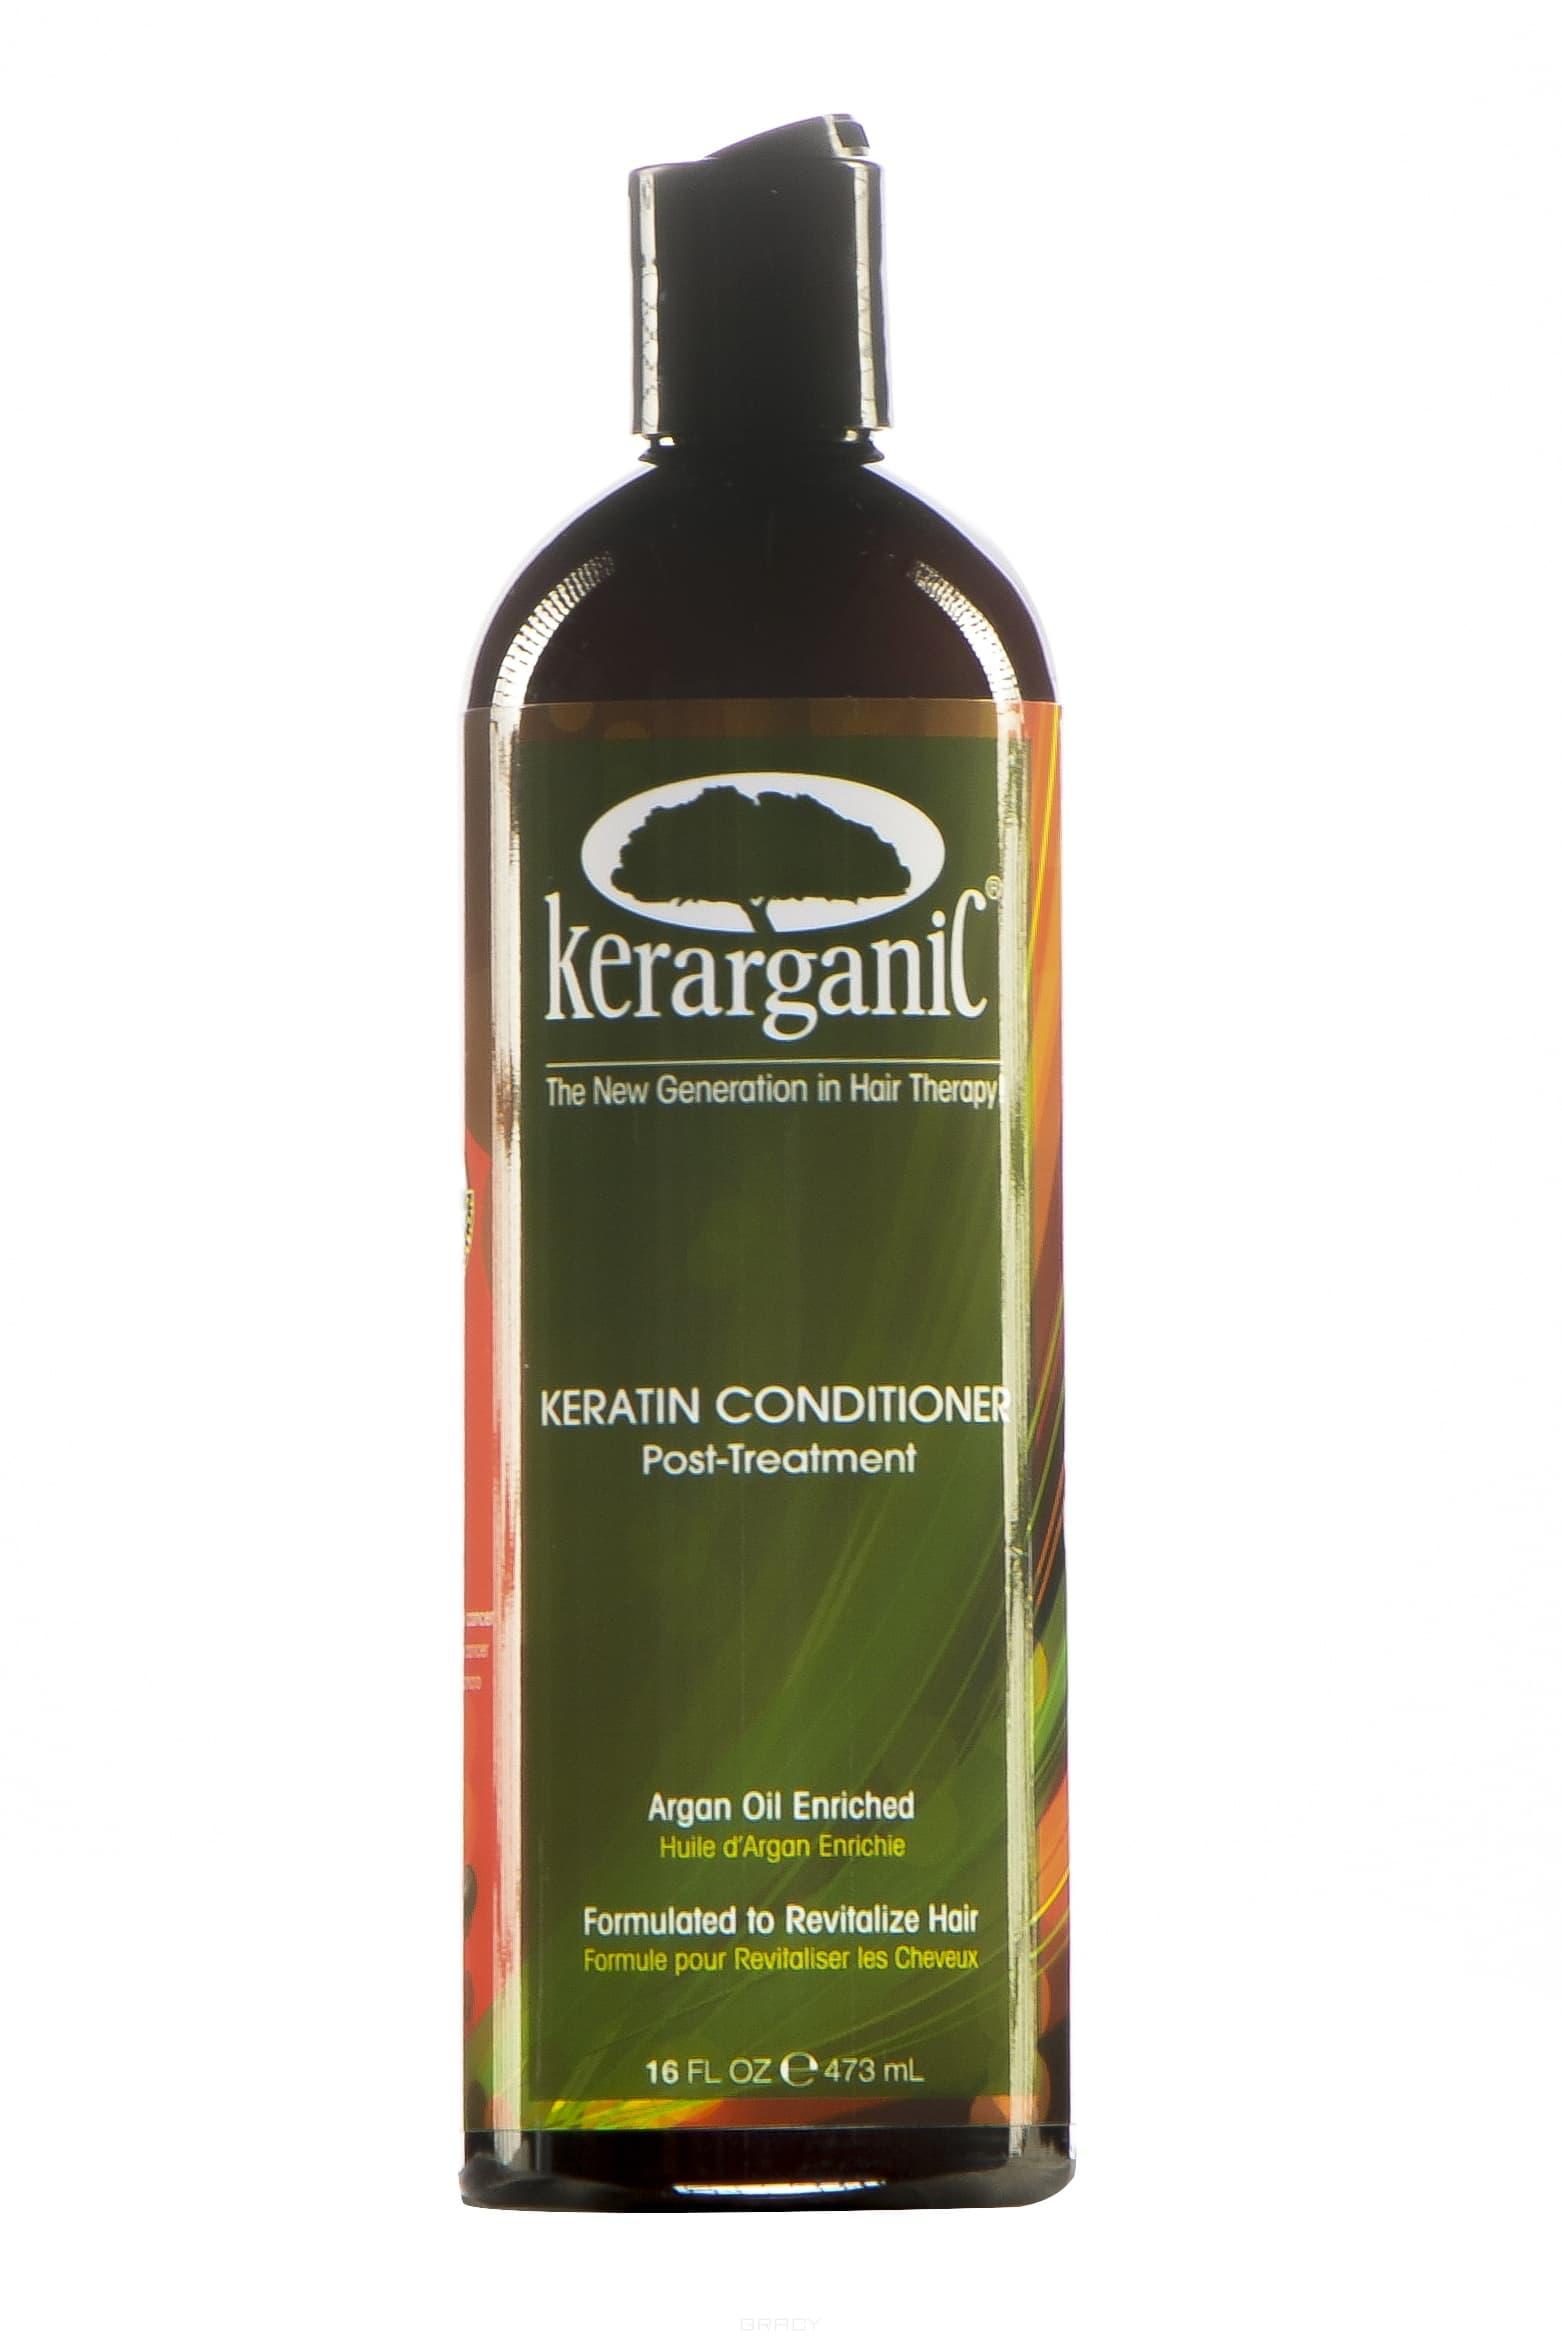 Kerarganic Кератиновый кондиционер безсульфатный для домашнего ухода, 236 мл